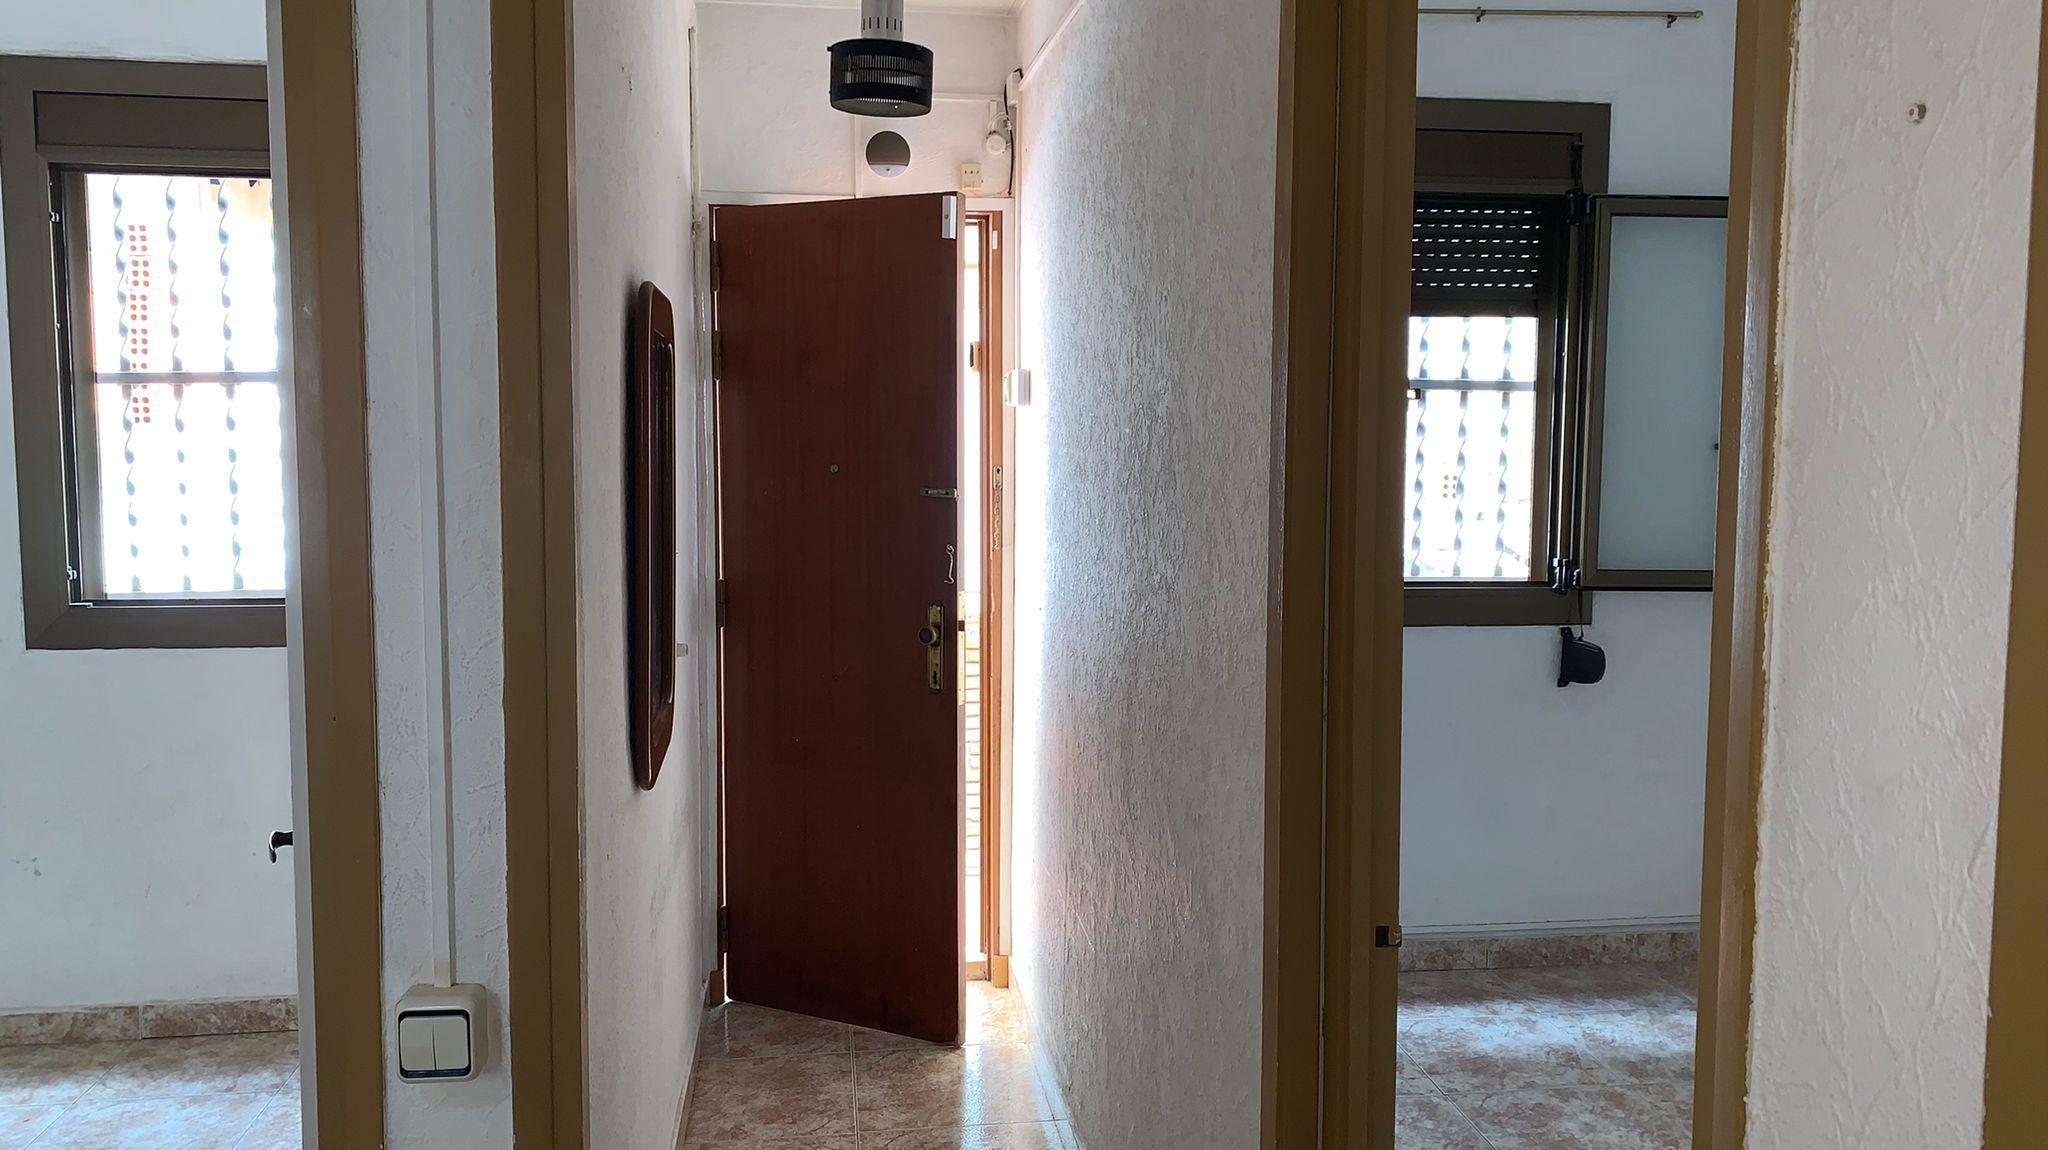 Imagen 3 Piso en venta en Hospitalet De Llobregat L´ / A 5 minutos del metro Torrasa L1 linea roja